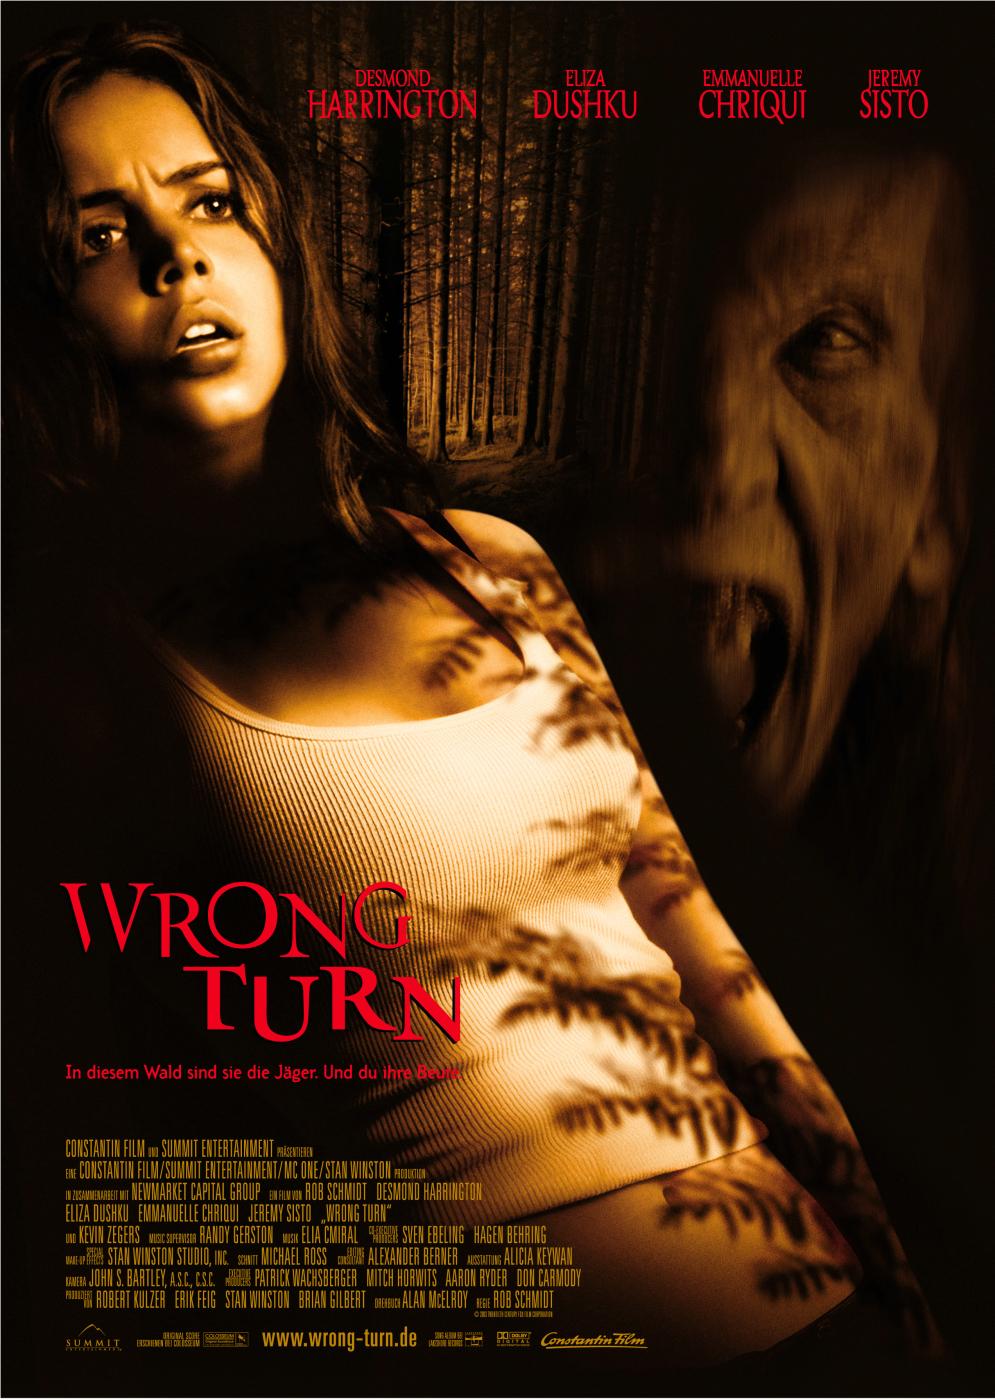 wrong-turn-2003-filmplakat